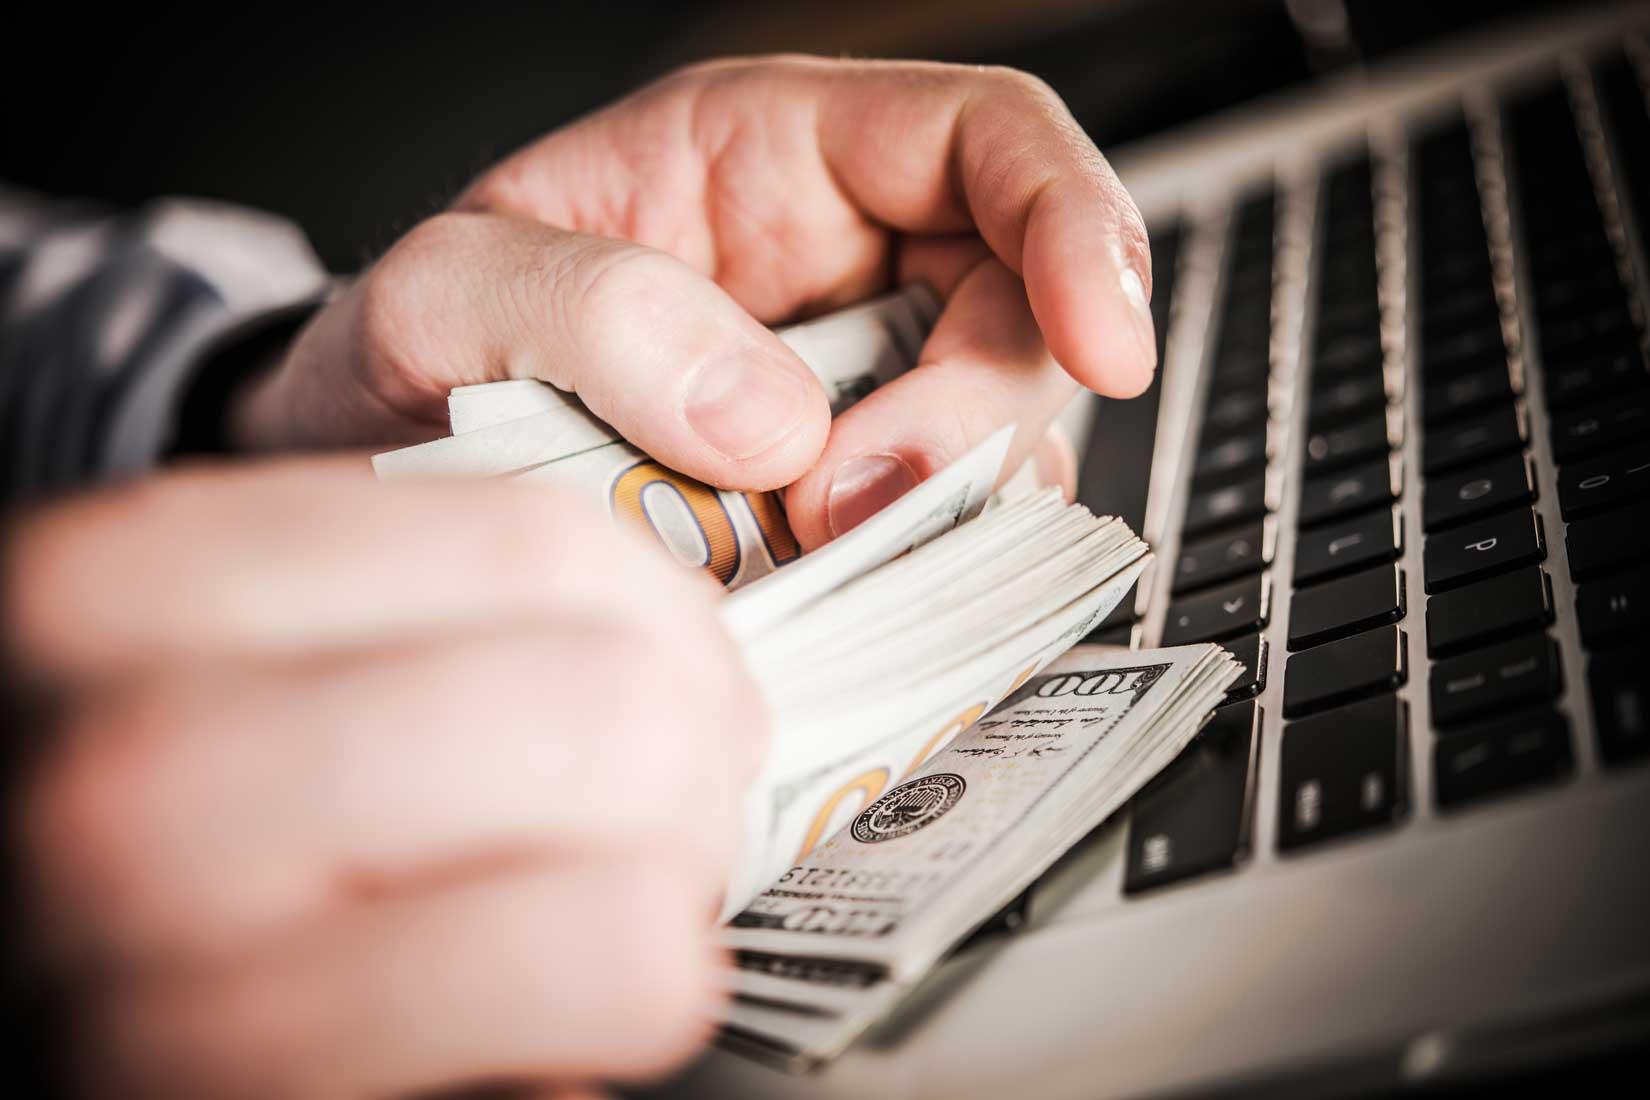 Vydělávání peněz přes internet